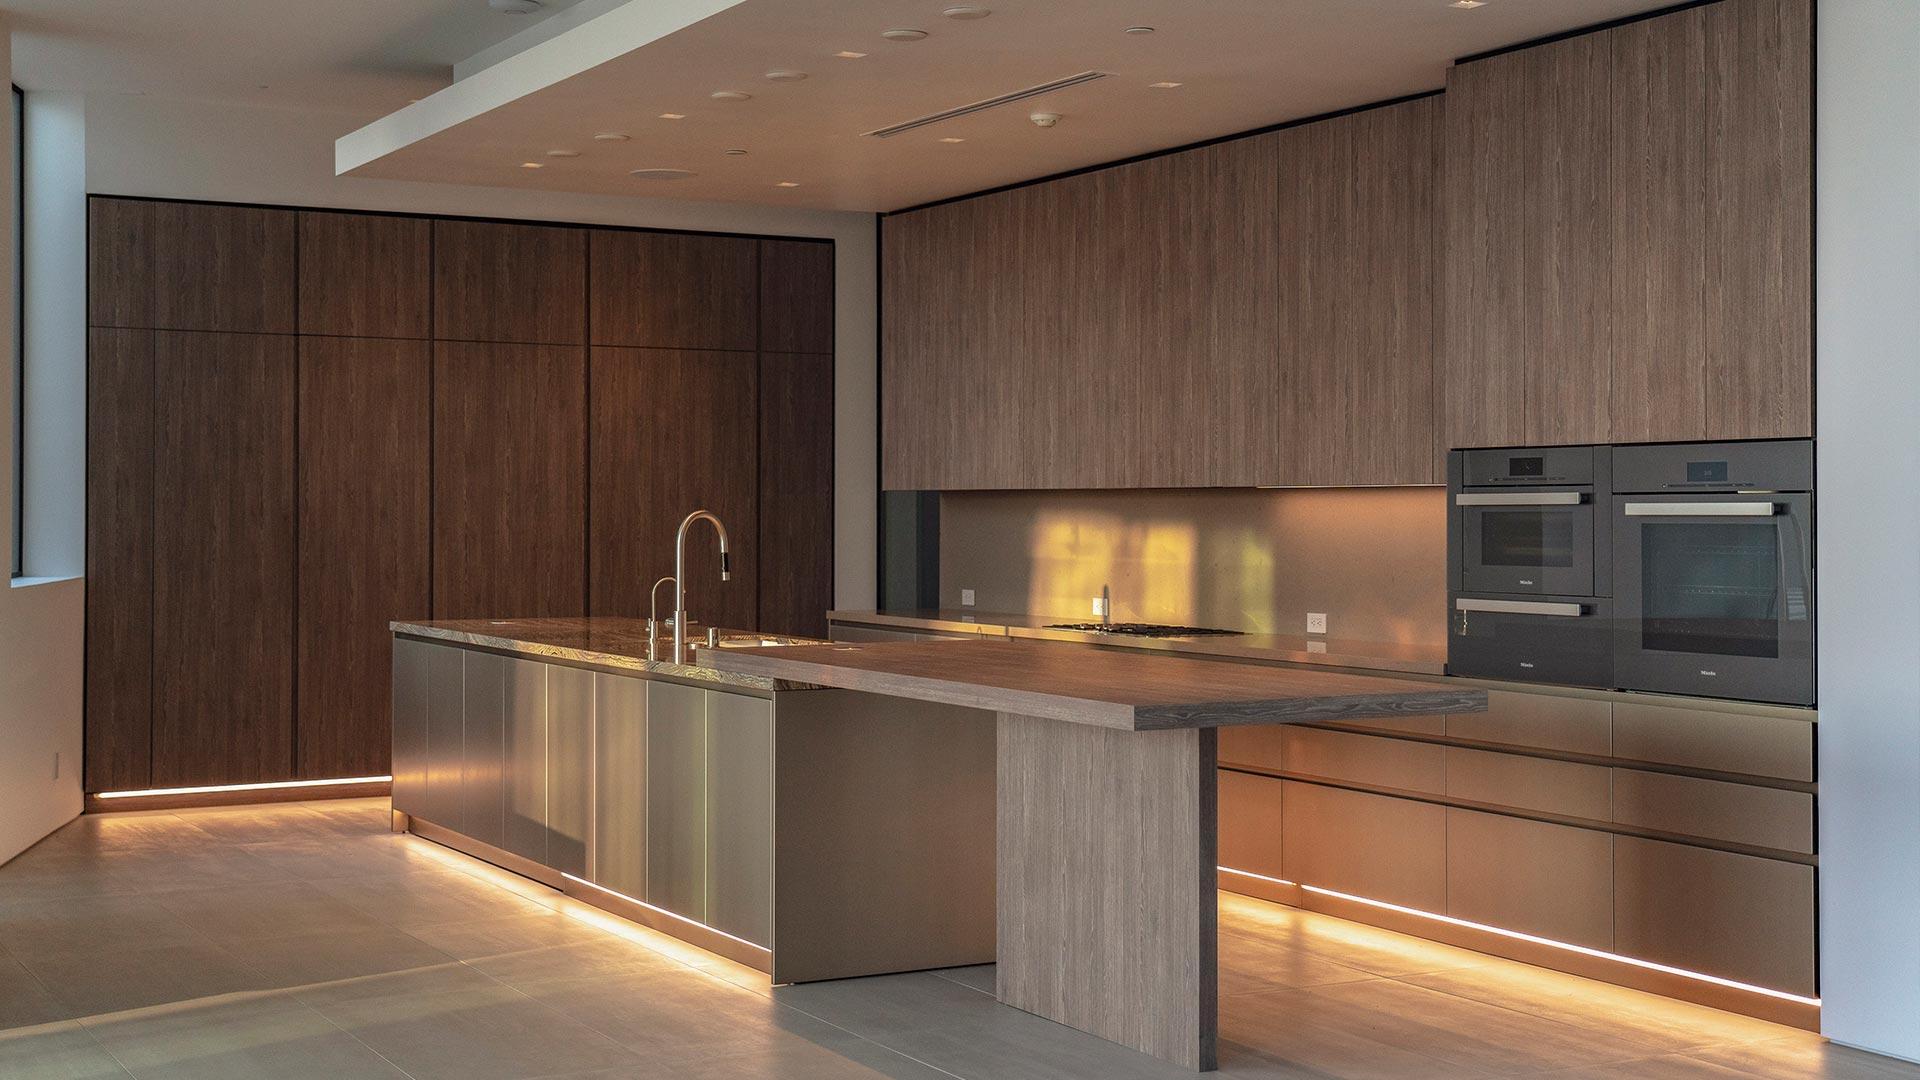 Cucina lineare su due lati con isola centrale e tavolo adiacente - 20210102_INTERIOR-A-LOS-ANGELES_contract-002